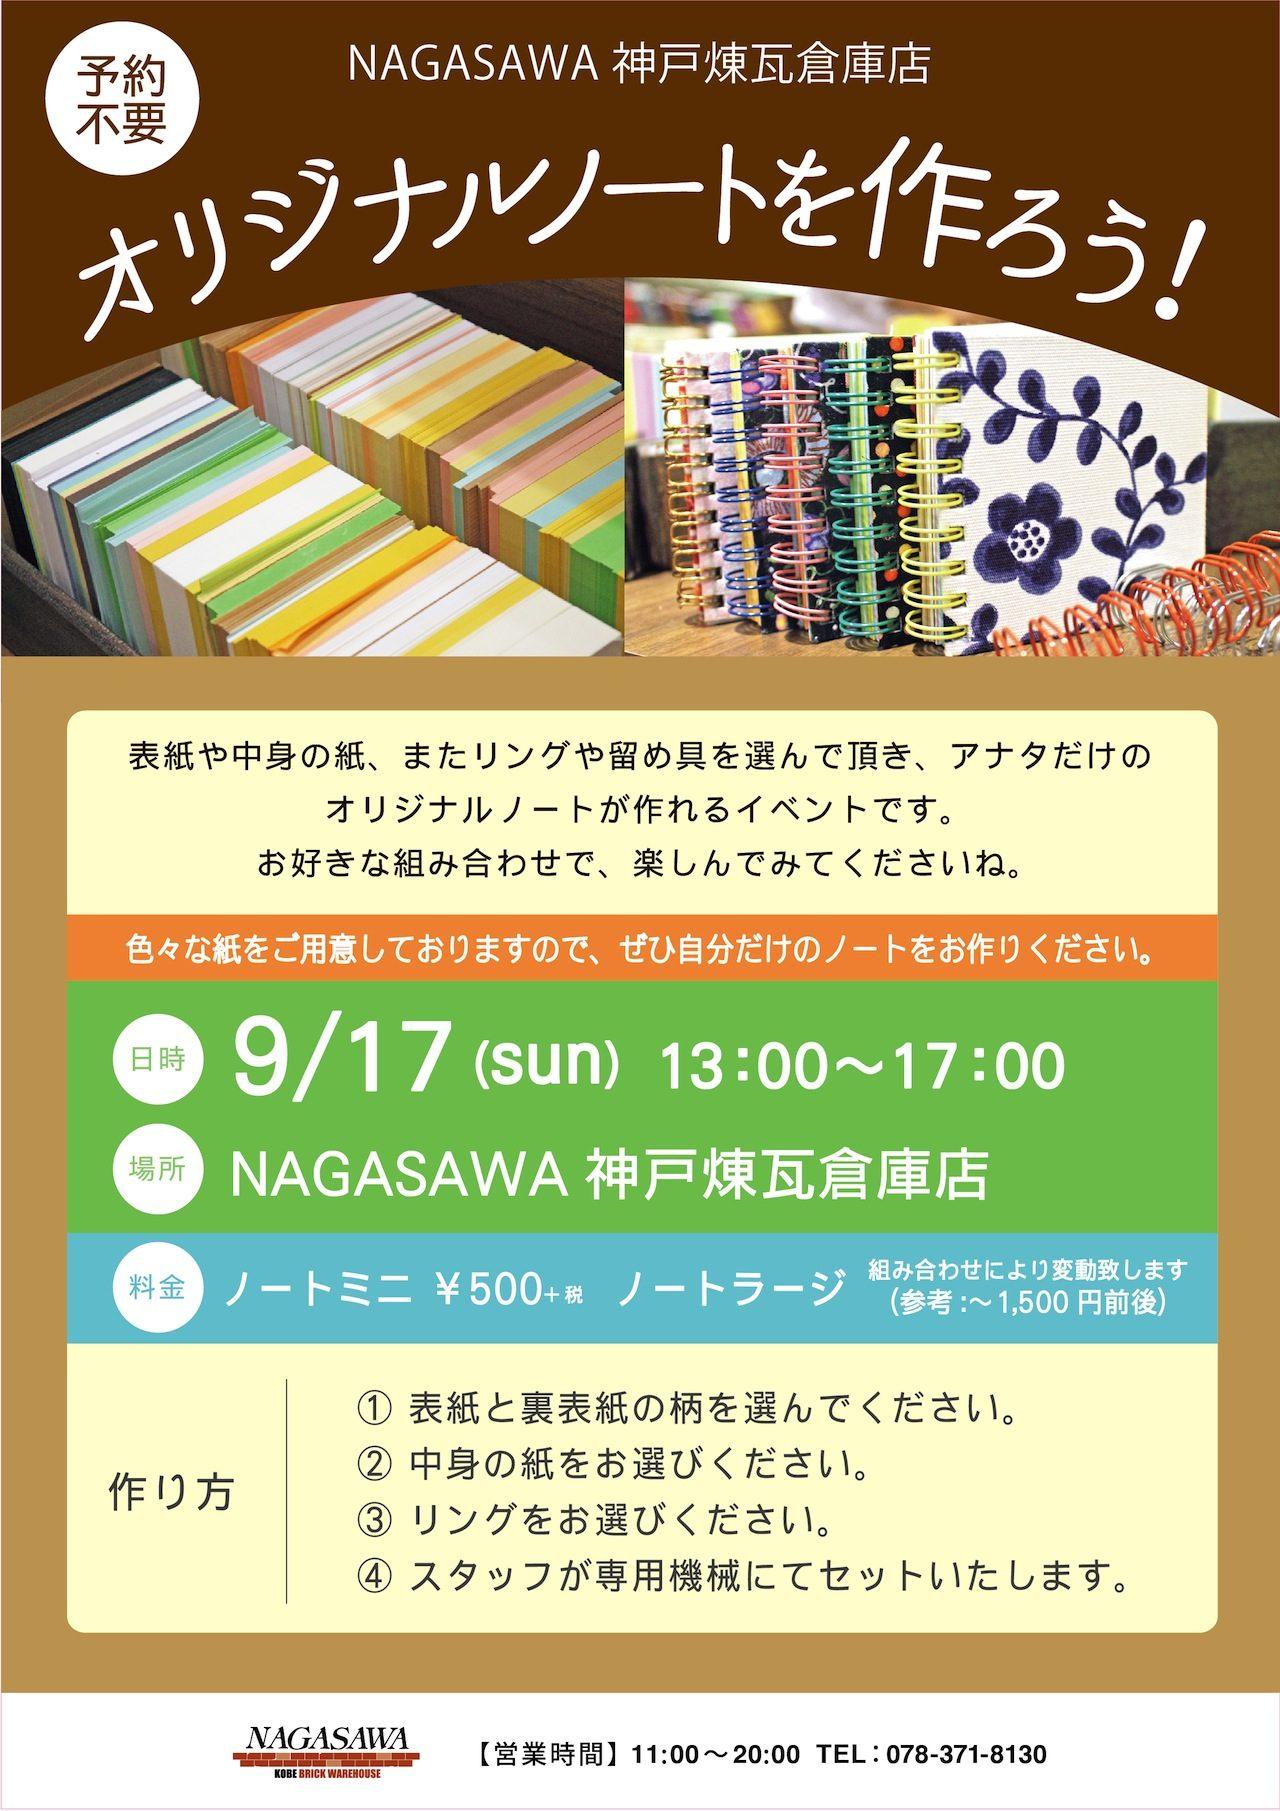 オリジナルノートを作ろう! @NAGASAWA神戸煉瓦倉庫店